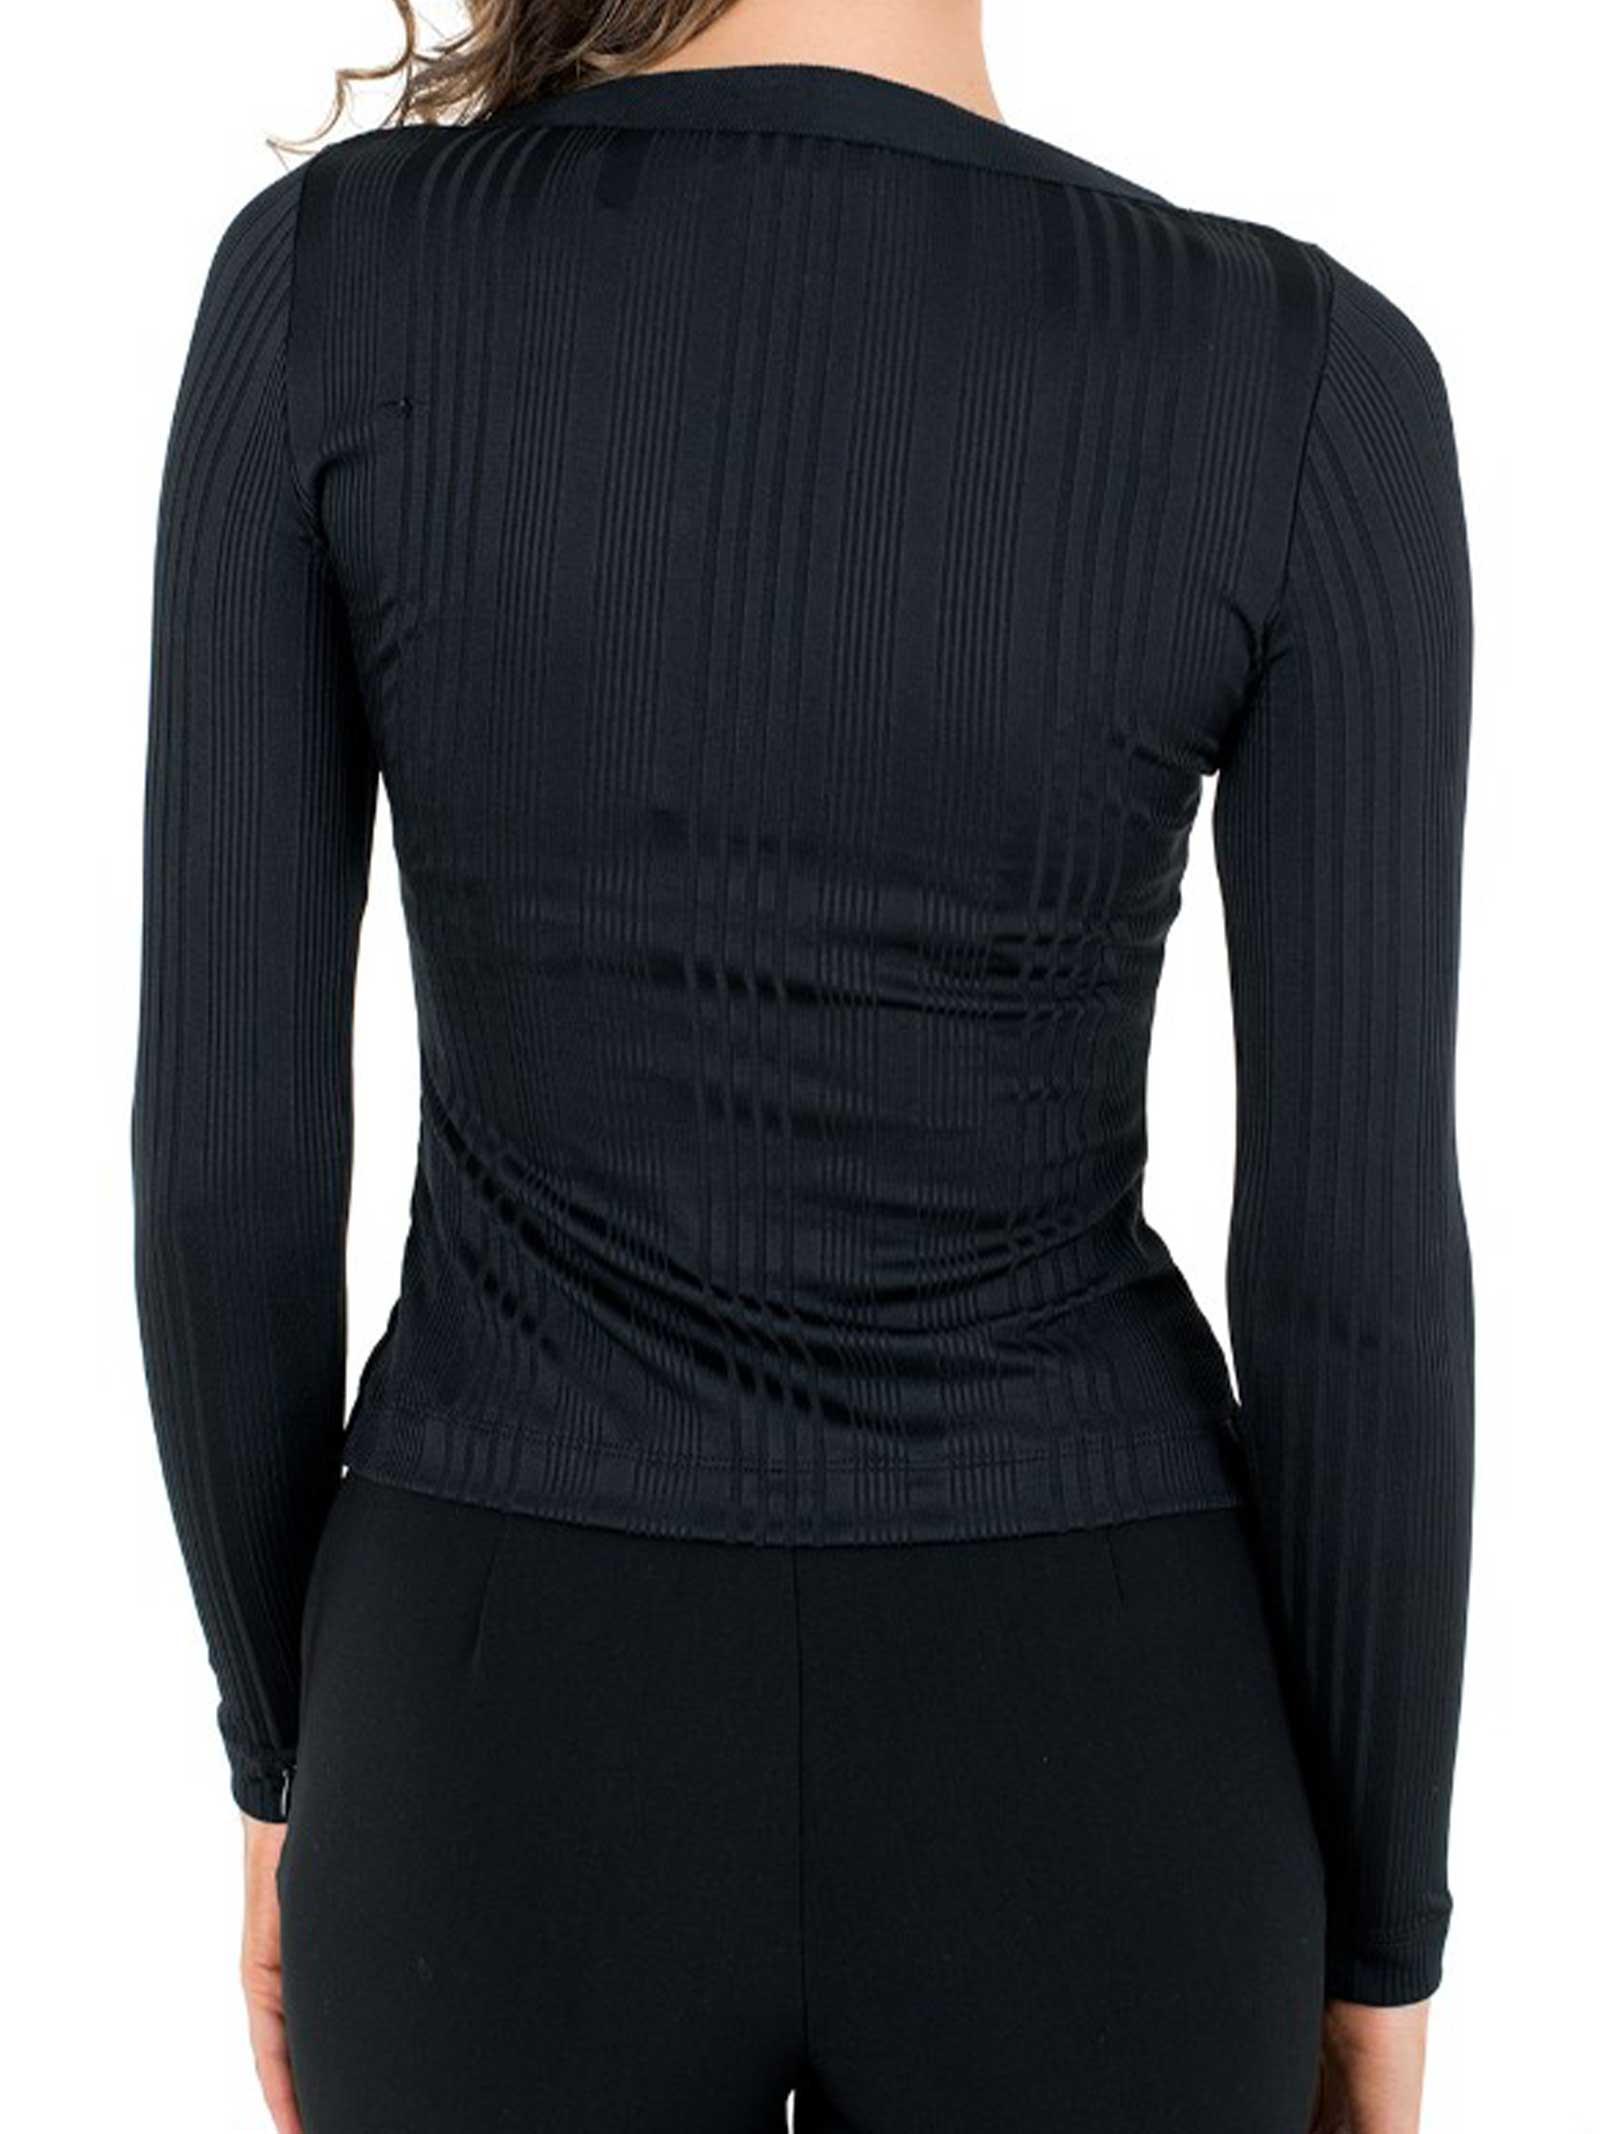 MAGLIA DONNA GUESS   T-shirt   W1GP71-KAF42JBLK